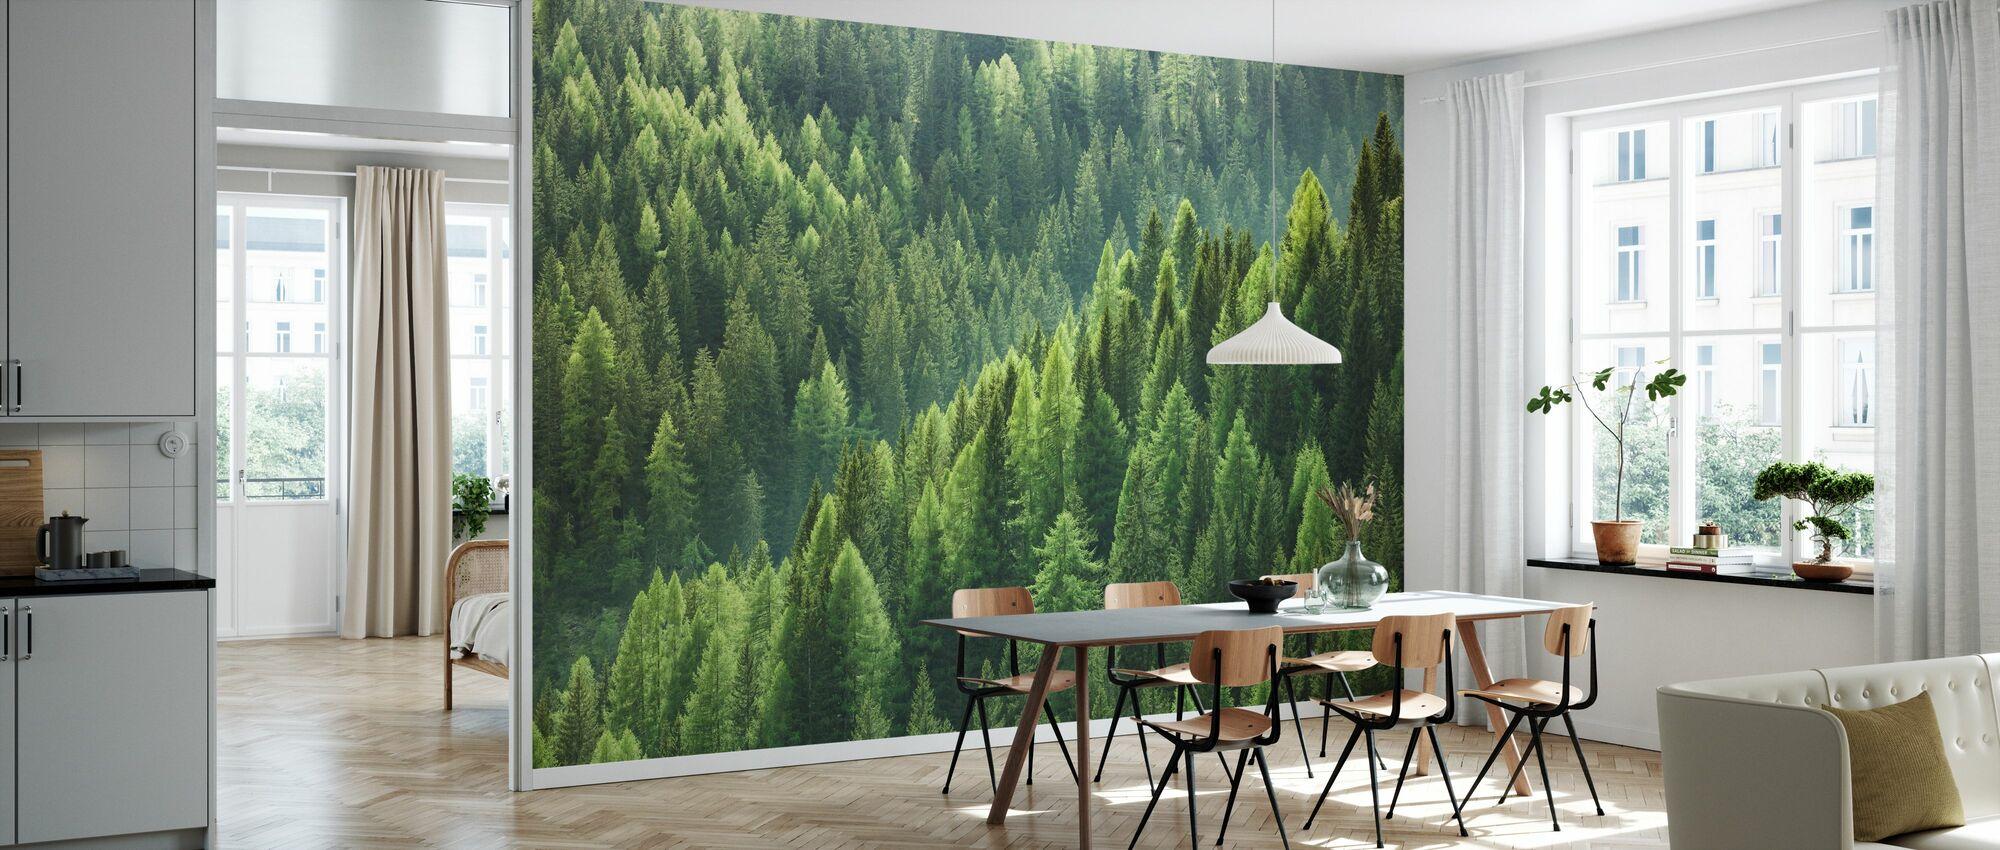 Groene bomen in het bos - Behang - Keuken